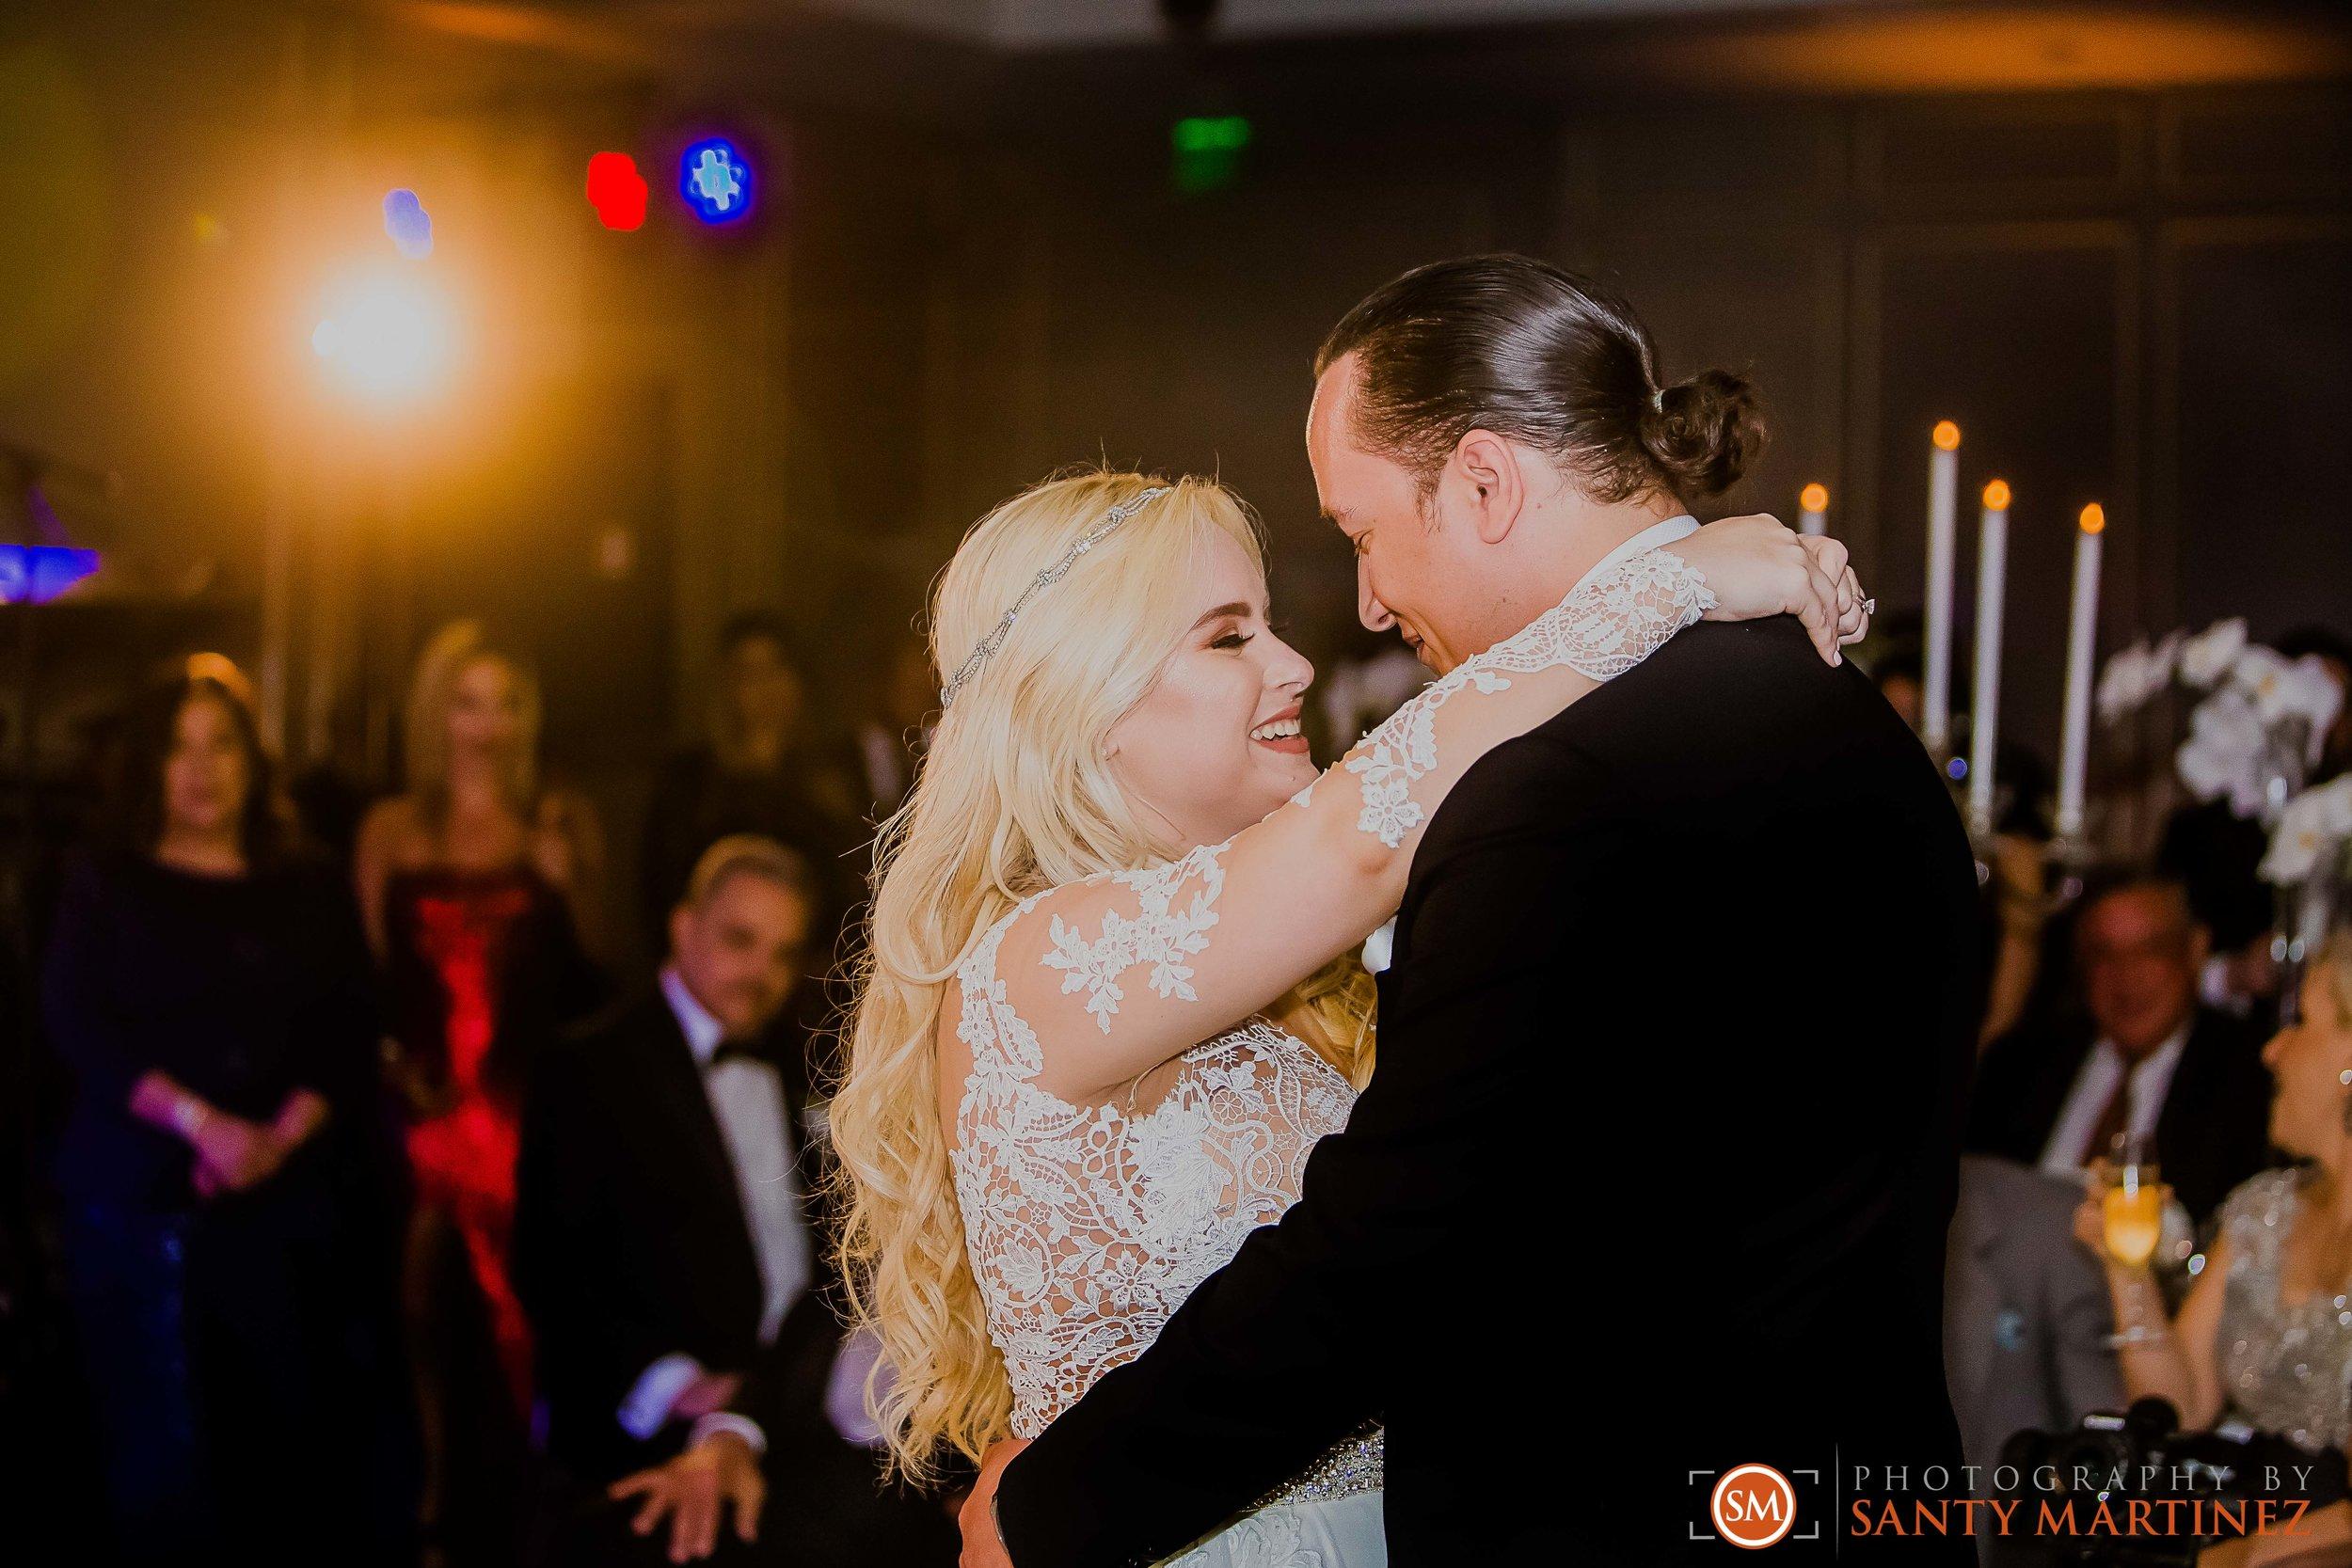 Wedding - W Hotel - St Patrick Miami Beach - Santy Martinez Photography-39.jpg